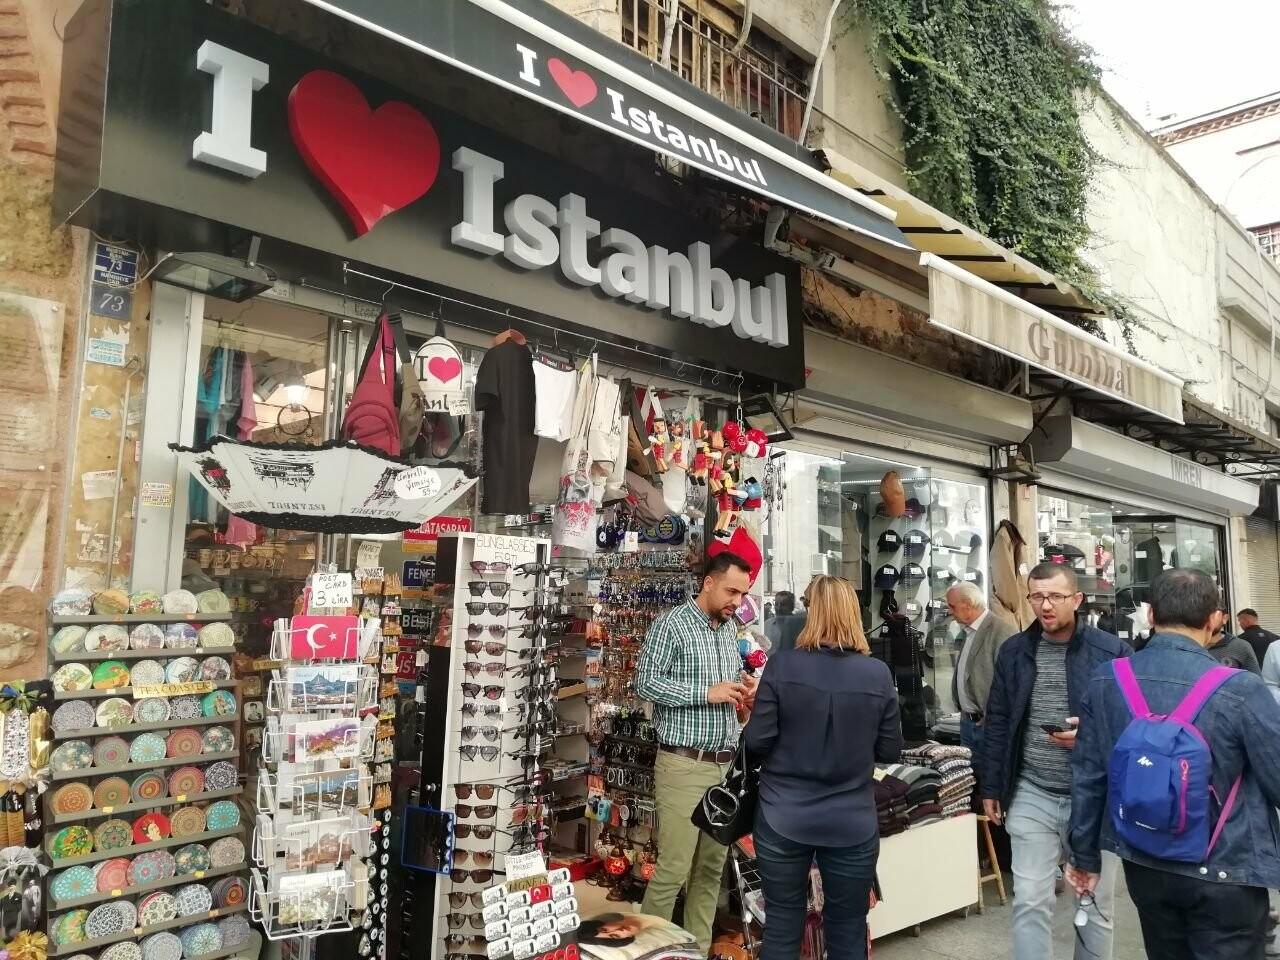 Из Харькова в Стамбул. Как добраться, что попробовать и на что посмотреть в турецком городе, - ФОТО, фото-40